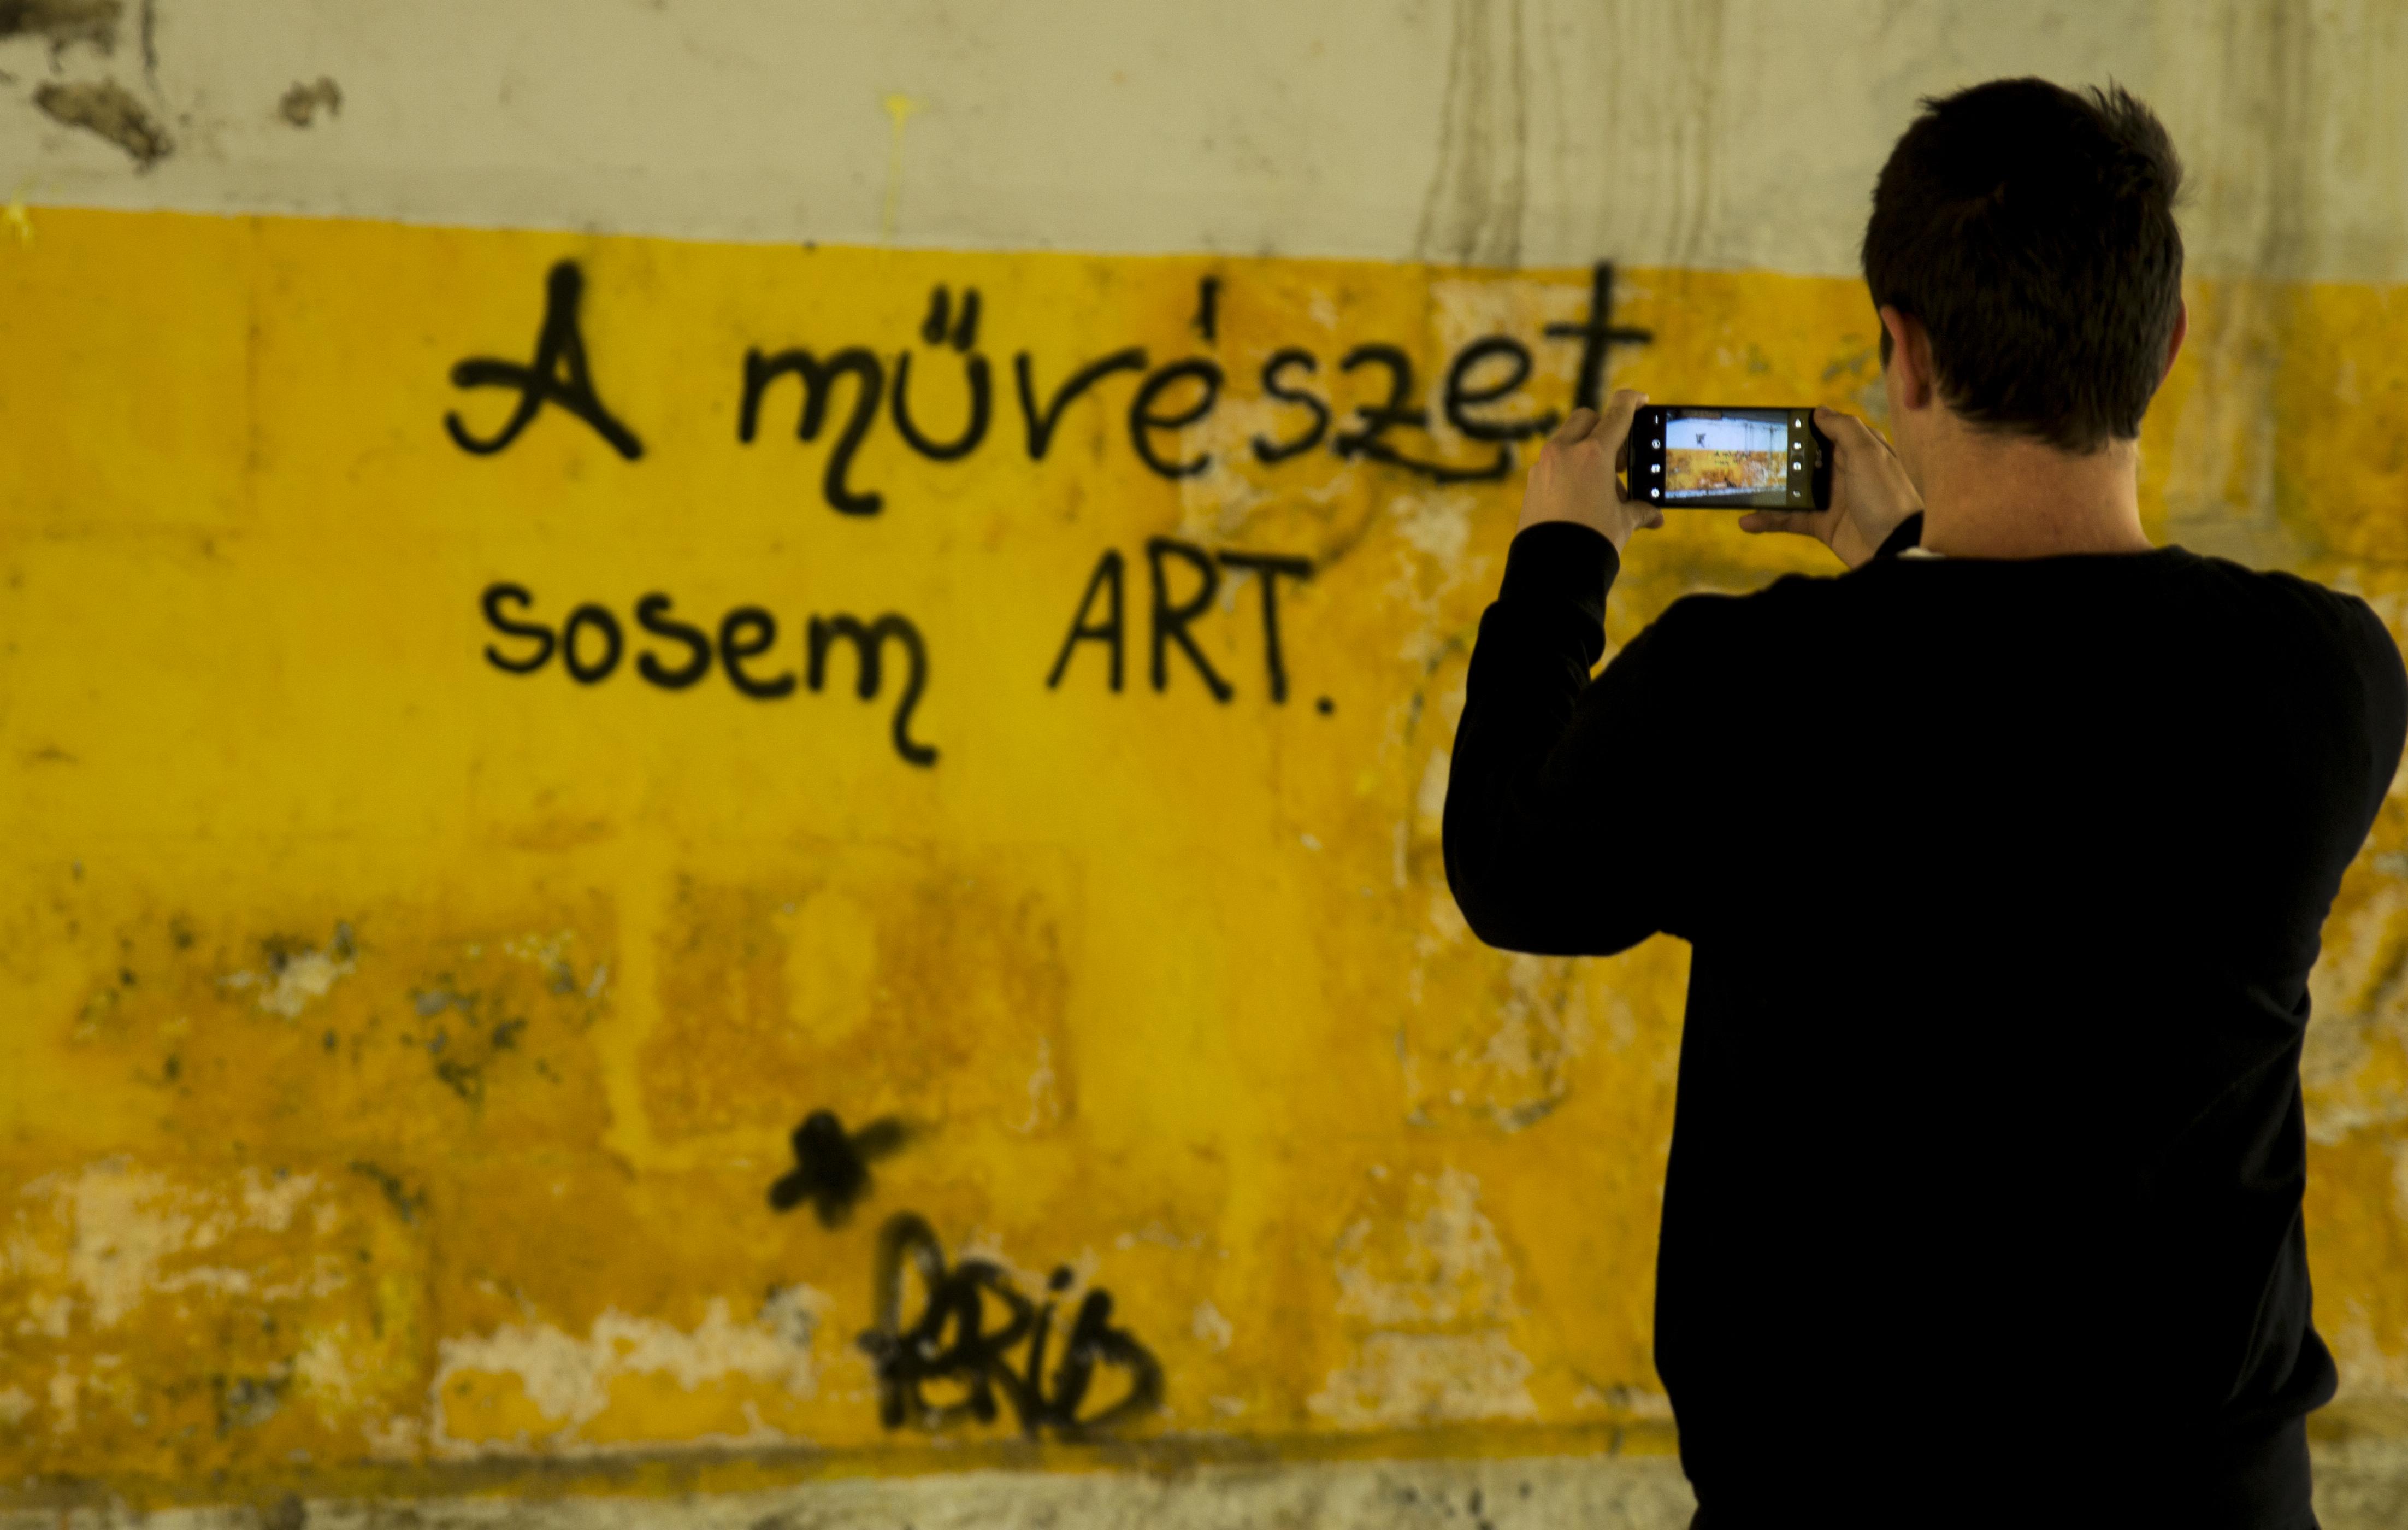 1. A művészet sosem art